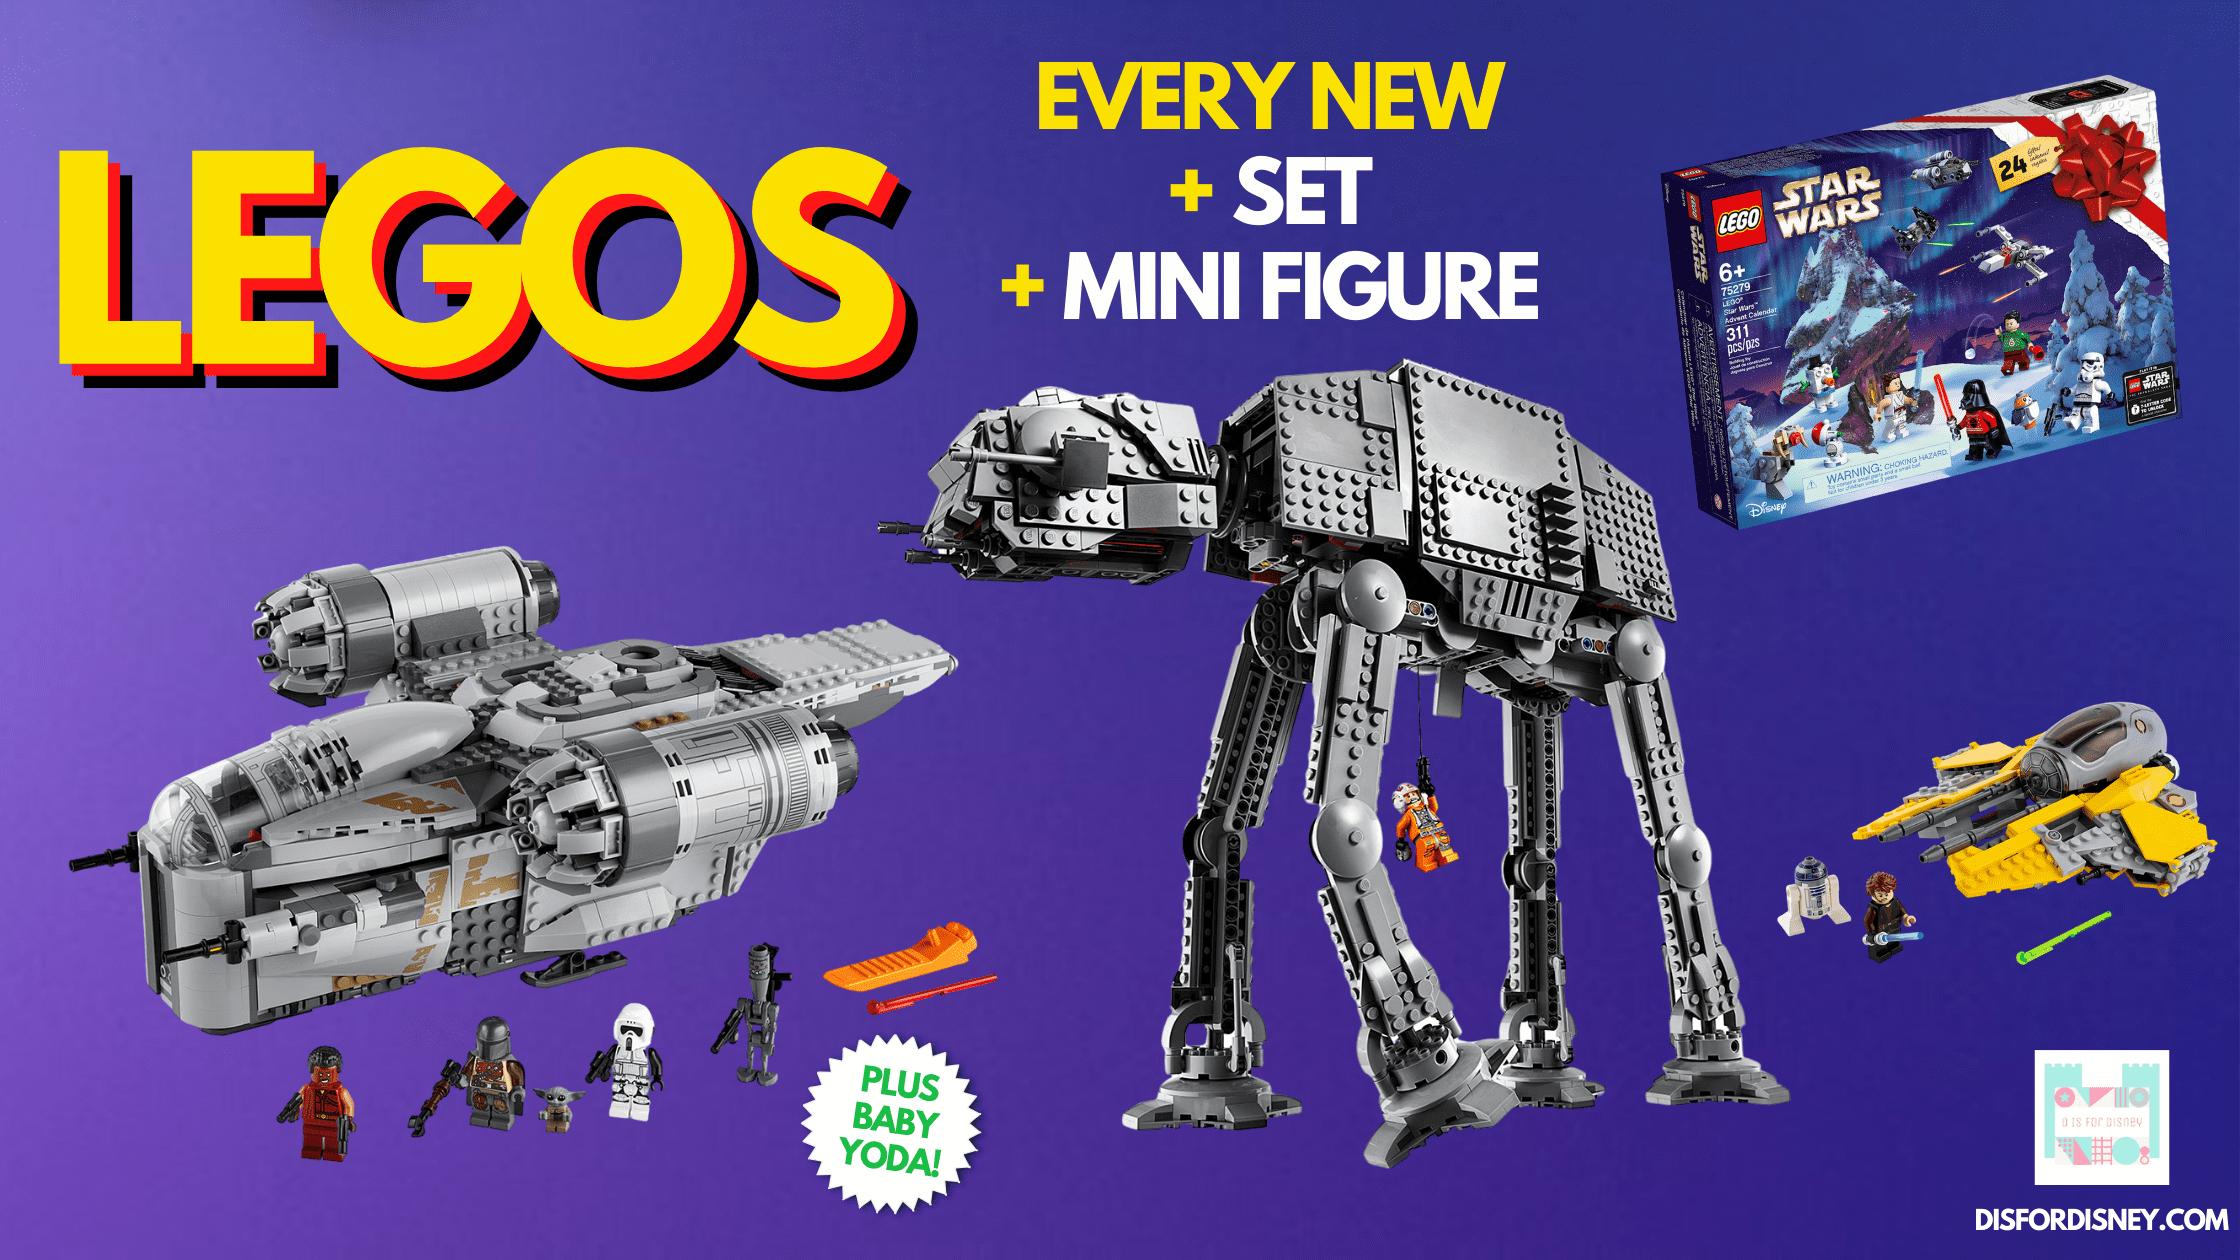 10 New LEGO Star Wars Sets Celebrate 'The Skywalker Saga'